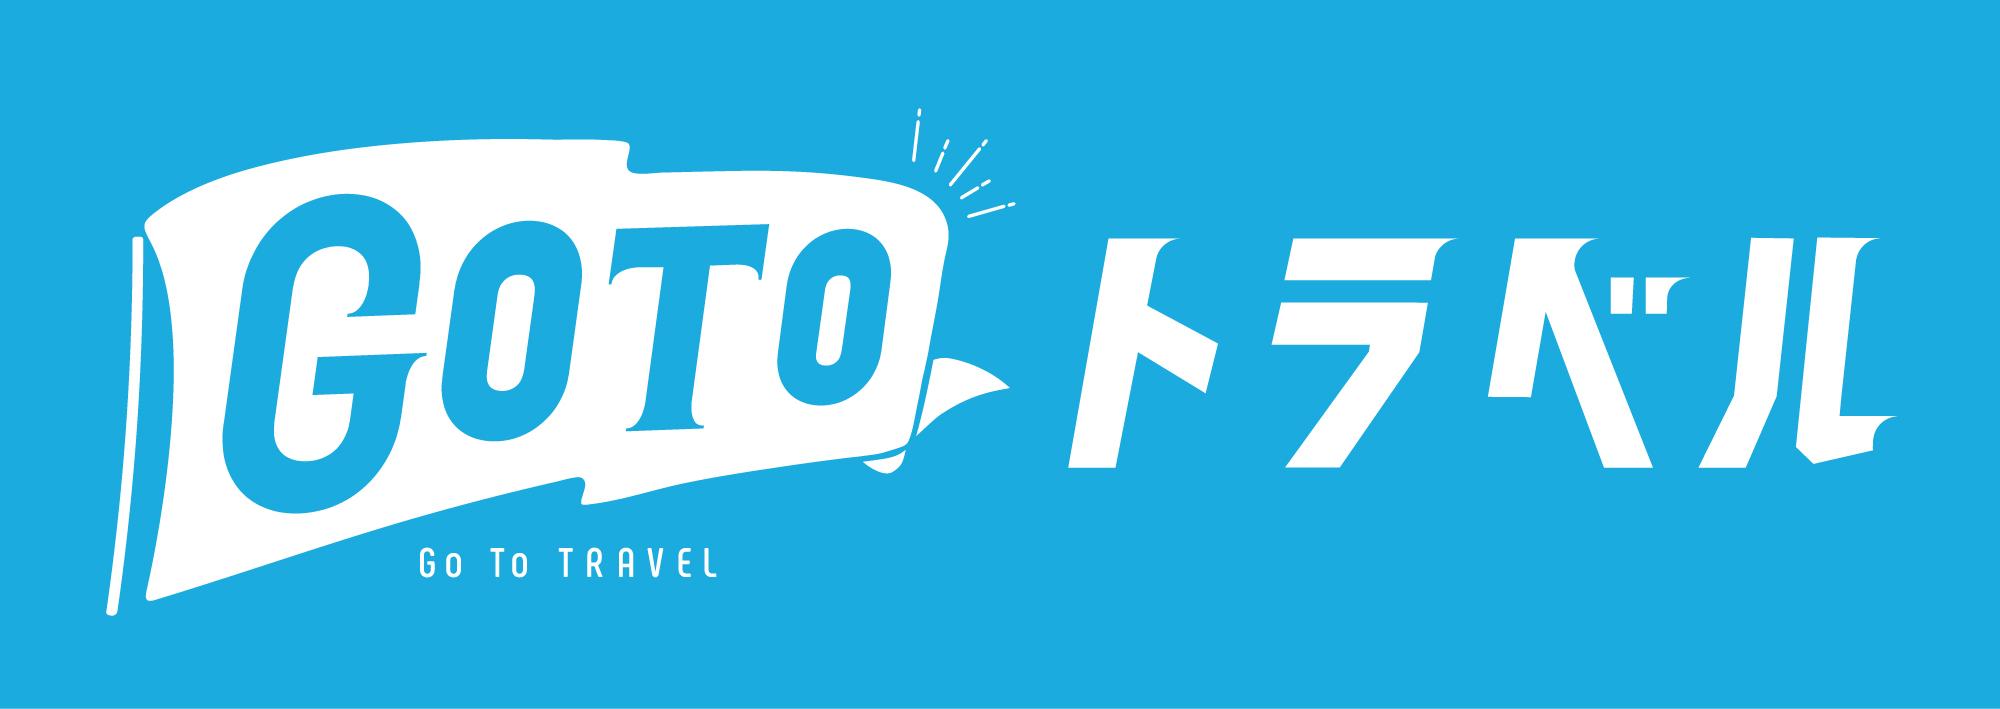 緊急事態宣言に伴う全国的な旅行に係る Go To トラベル事業の取扱いについて(2021年1月8日)